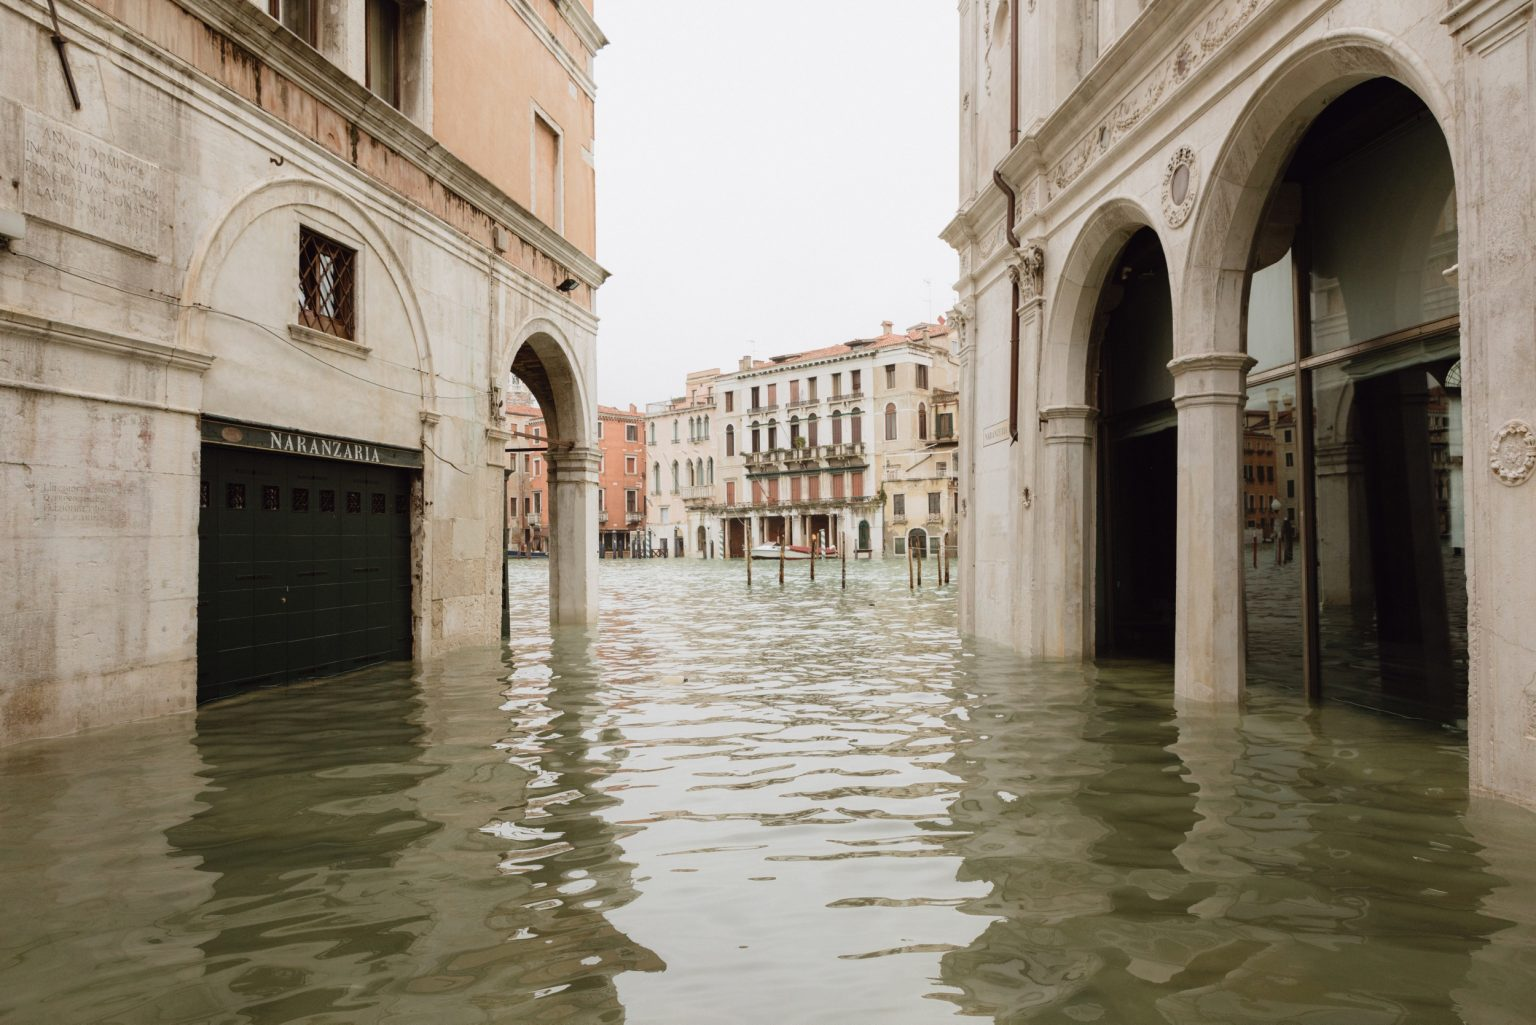 Eccezionale acqua alta a Venezia, dove la marea è salita a 187cm, il dato più alto dall'alluvione del 1966. La mattina dopo, il sindaco Brugnaro ha dichiarato lo stato di calamità. Venezia, Italia, 2019